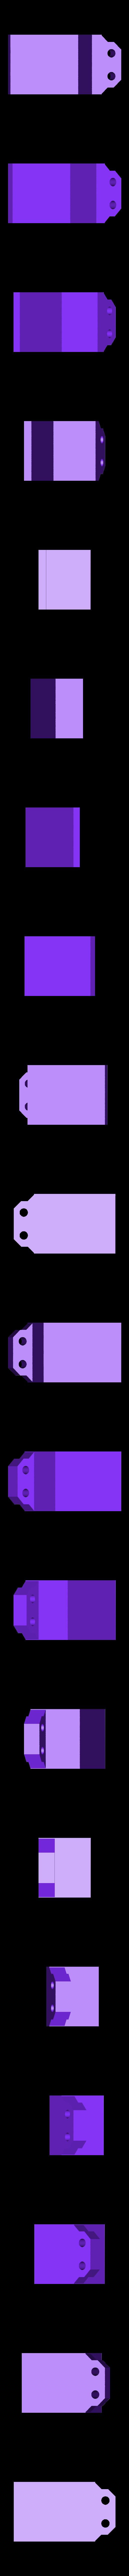 1.stl Télécharger fichier STL gratuit XYZ DaVinci PRO Porte-bobine de surface XYZ DaVinci PRO • Objet pour impression 3D, indigo4